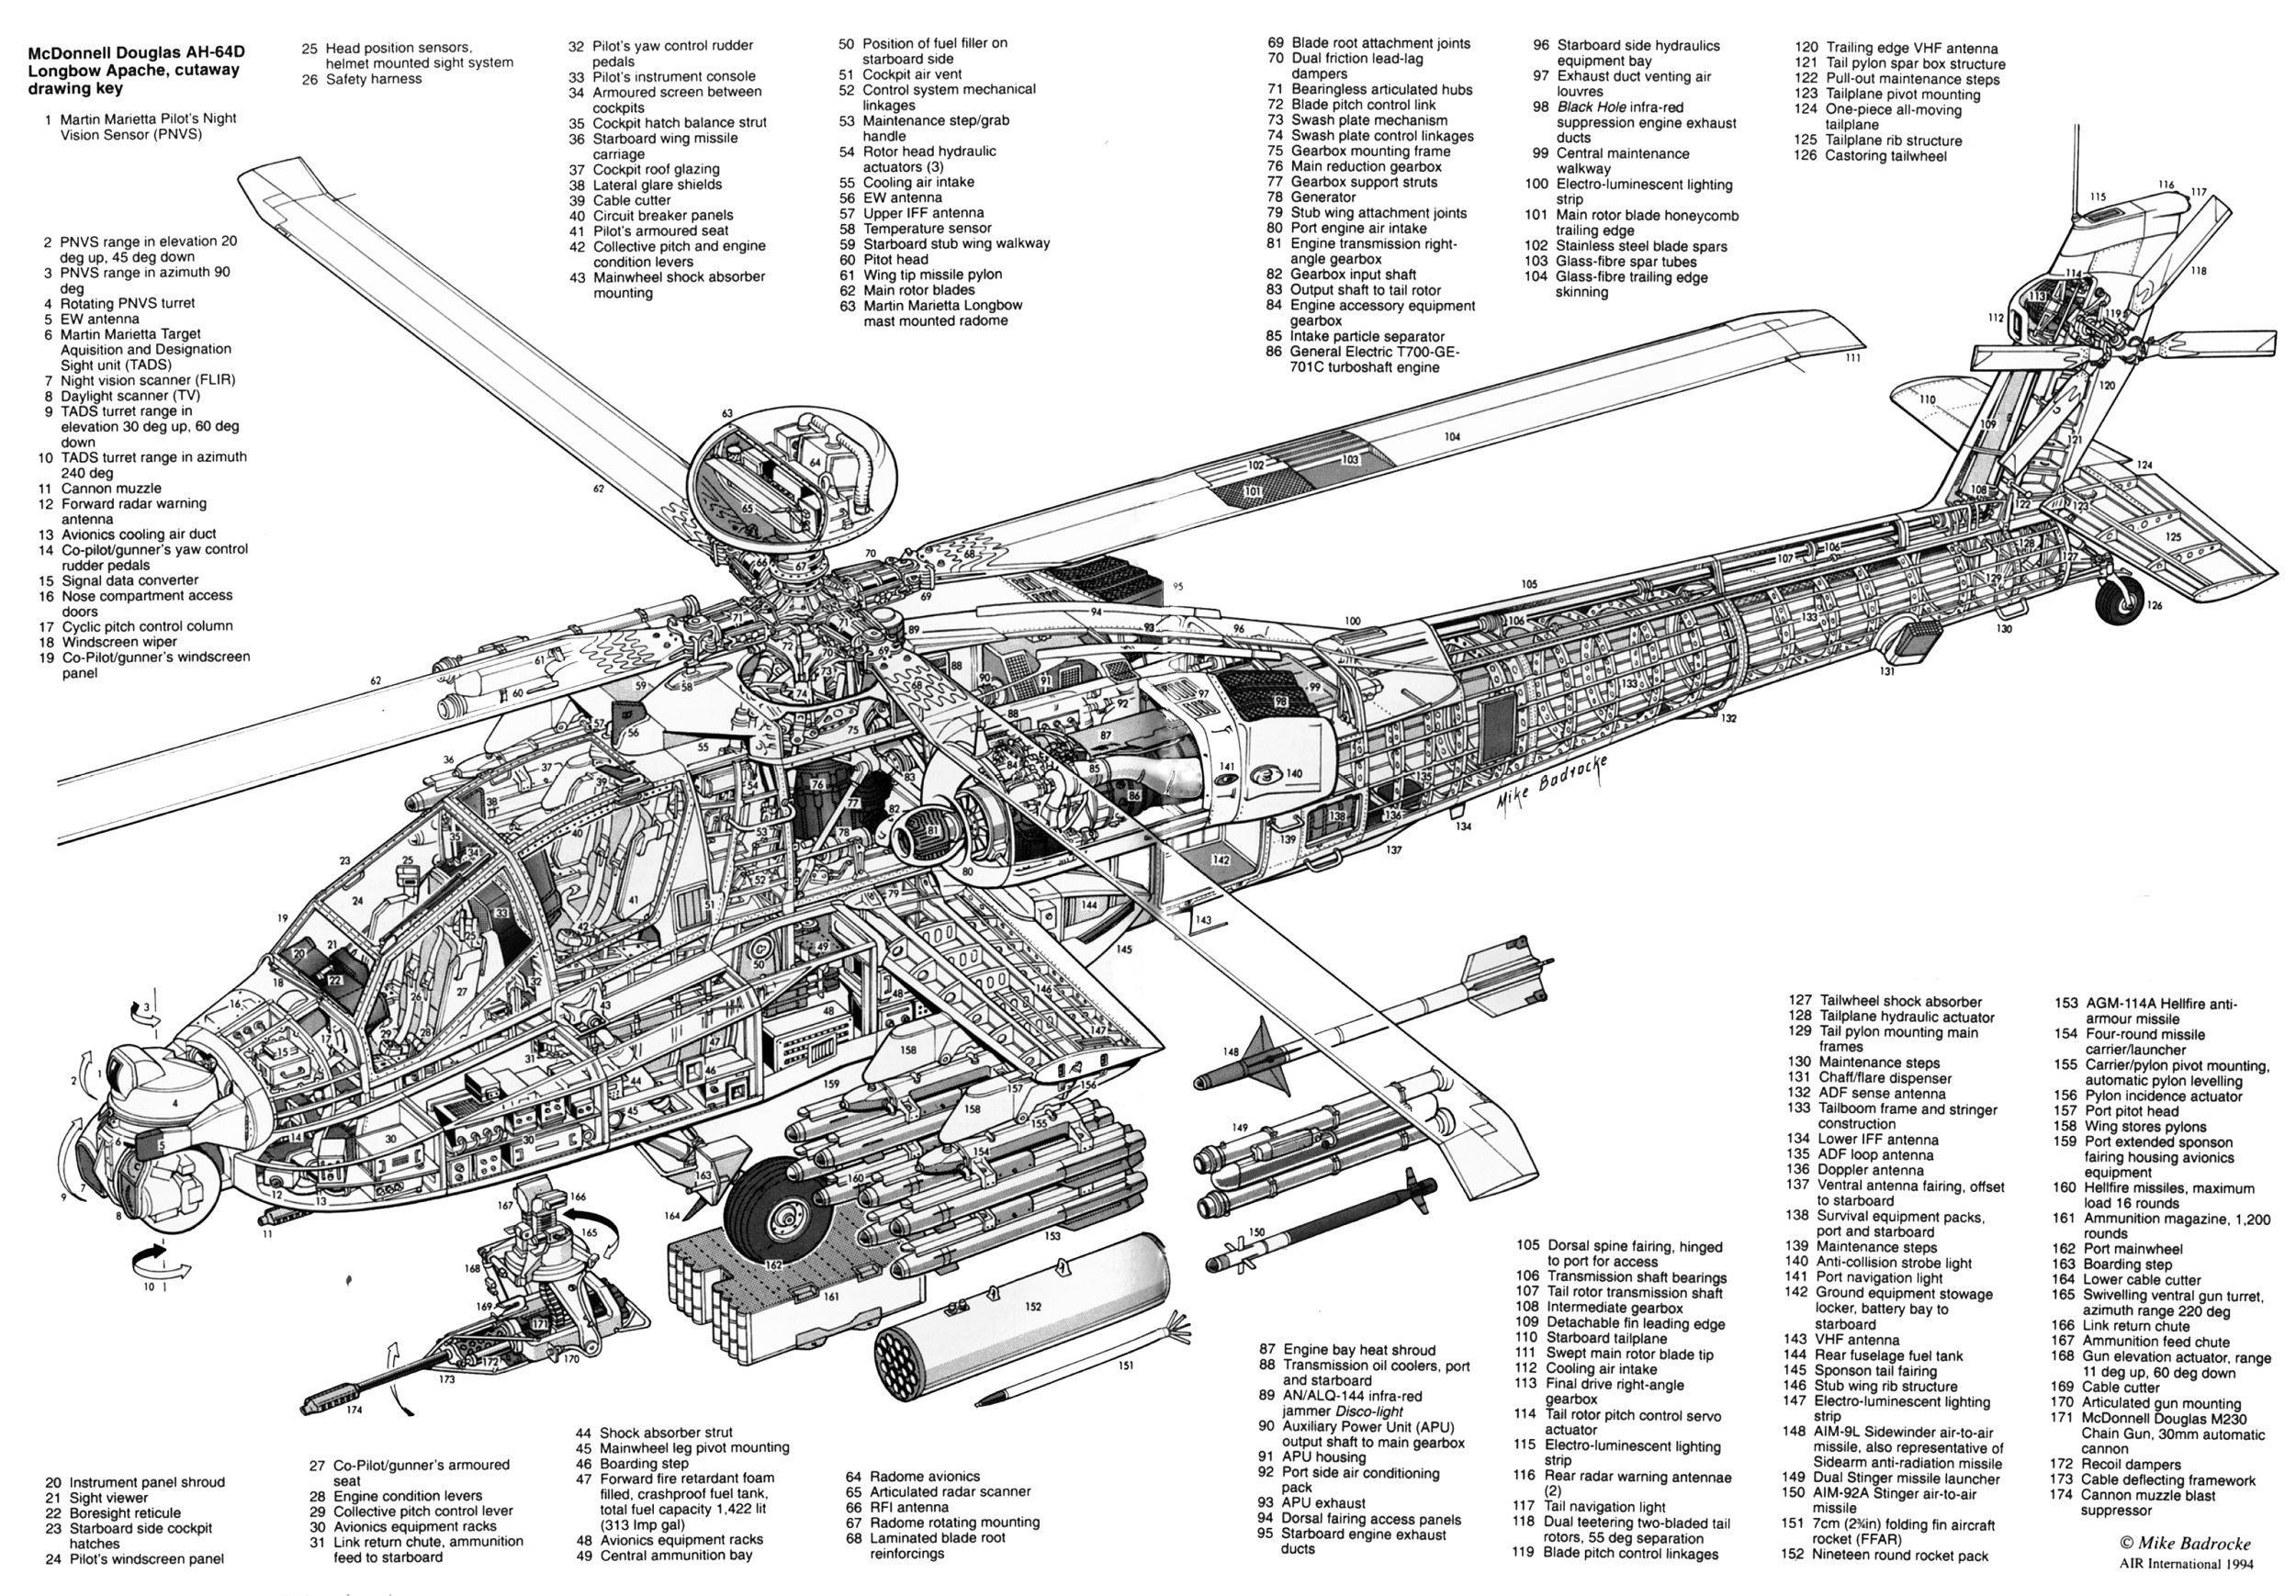 Resultado De Imagen Para Plano Helicoptero Apache